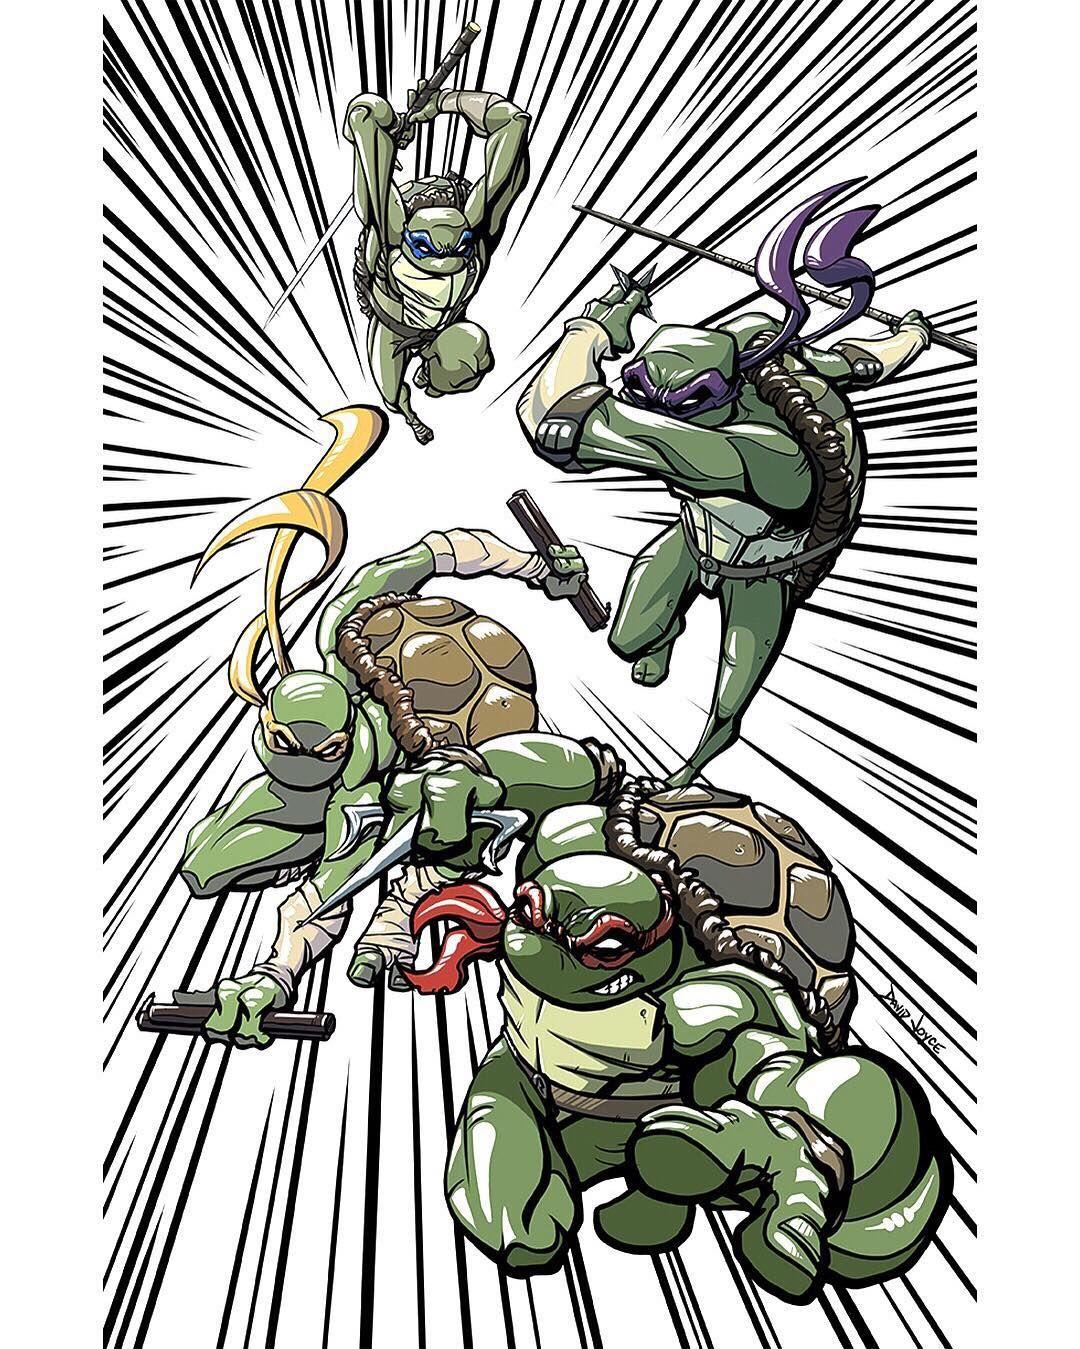 Pin von David Joyce Art auf Comics in 2020